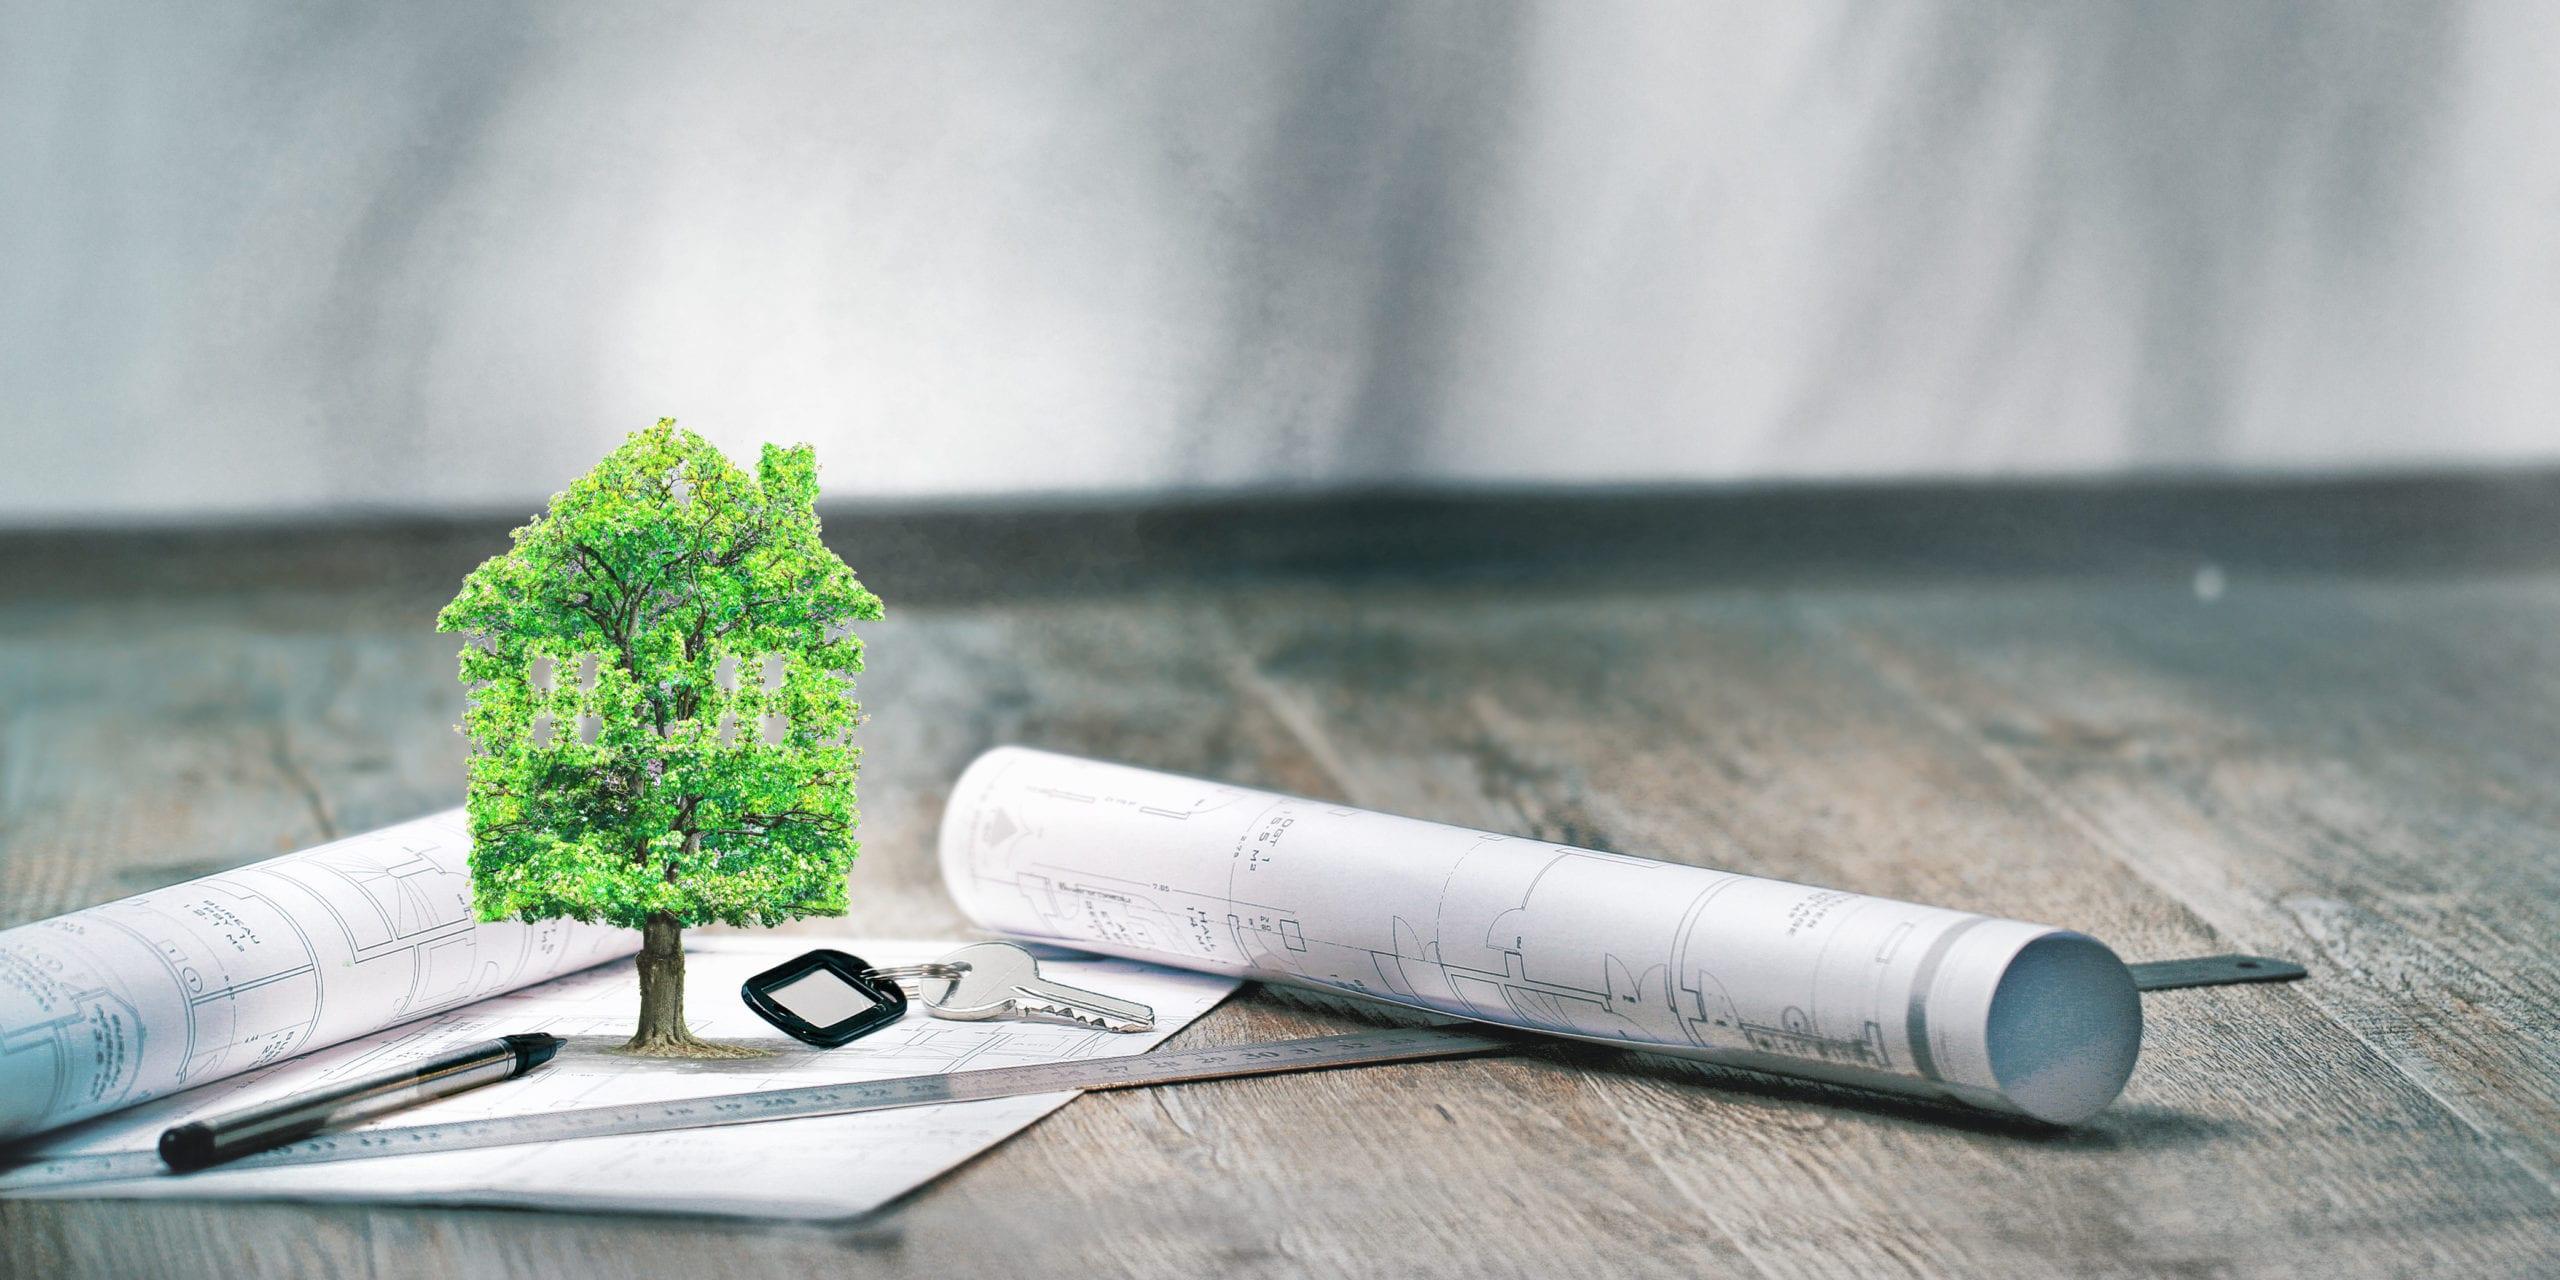 greenbuilding-enenergieoptimierung-zarinfar